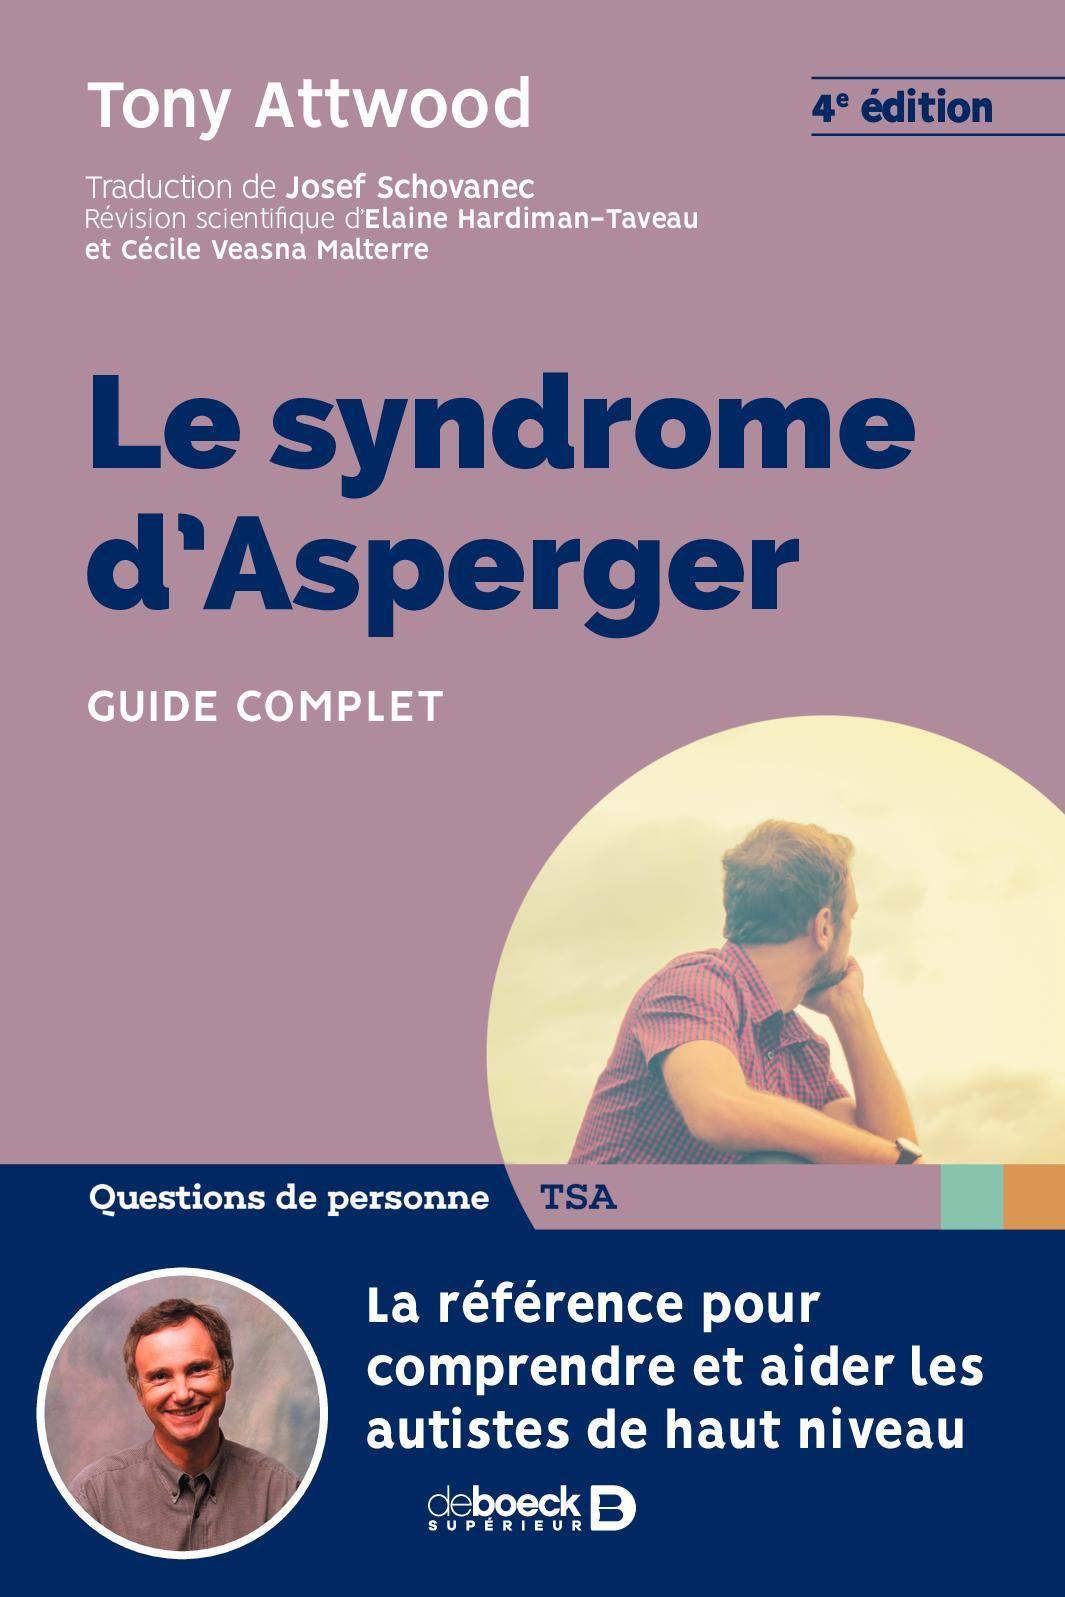 rencontre quelqu'un avec Asperger Yahoo